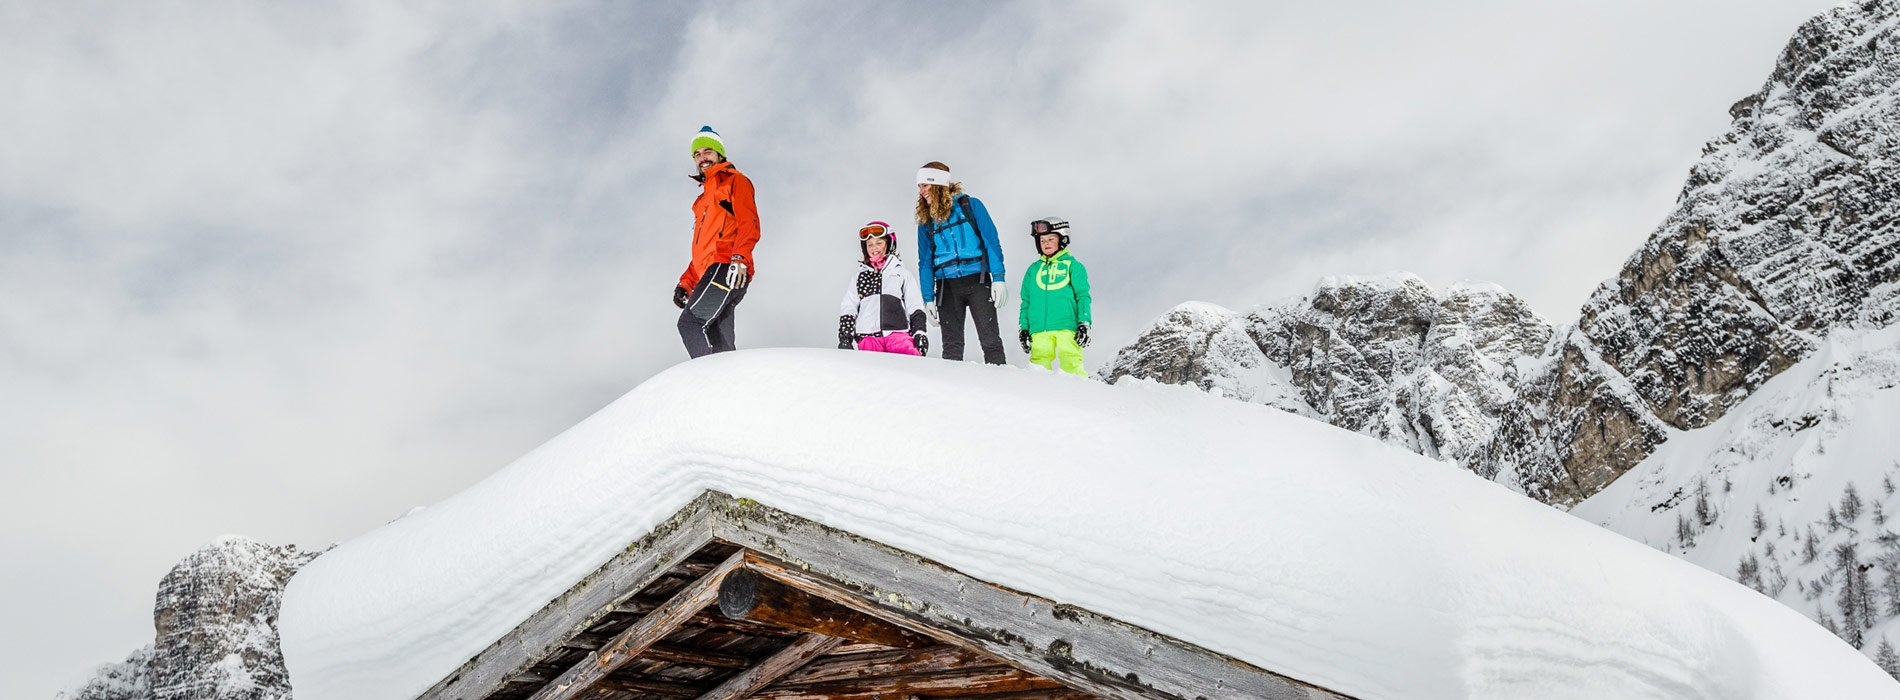 winterurlaub-auf-dem-bauernhof-suedtirol-10